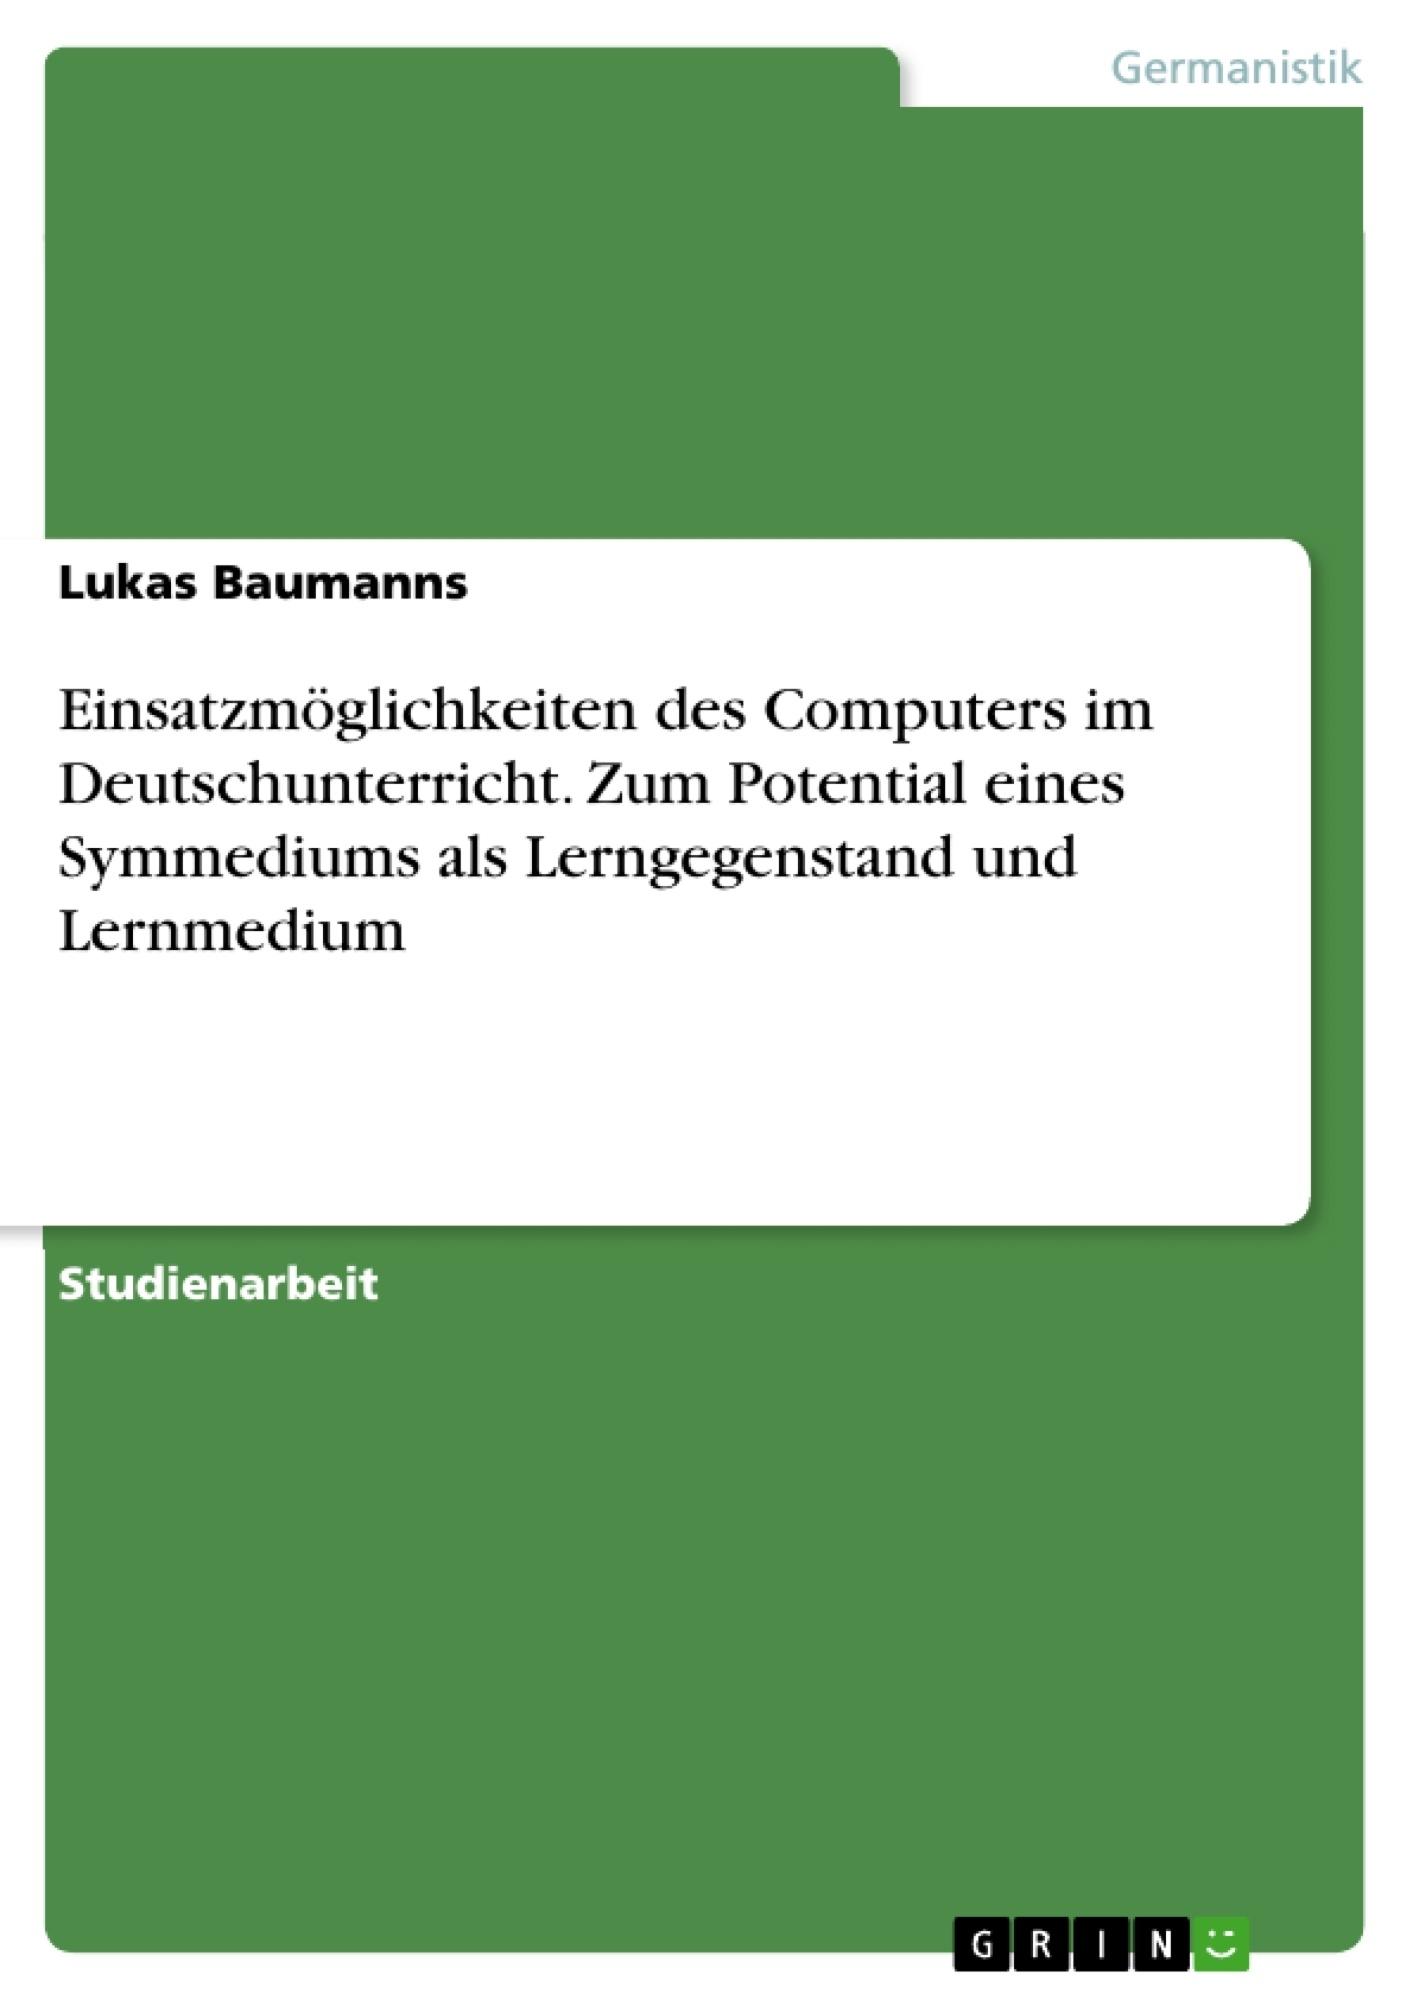 Titel: Einsatzmöglichkeiten des Computers  im Deutschunterricht. Zum Potential eines Symmediums als Lerngegenstand und Lernmedium